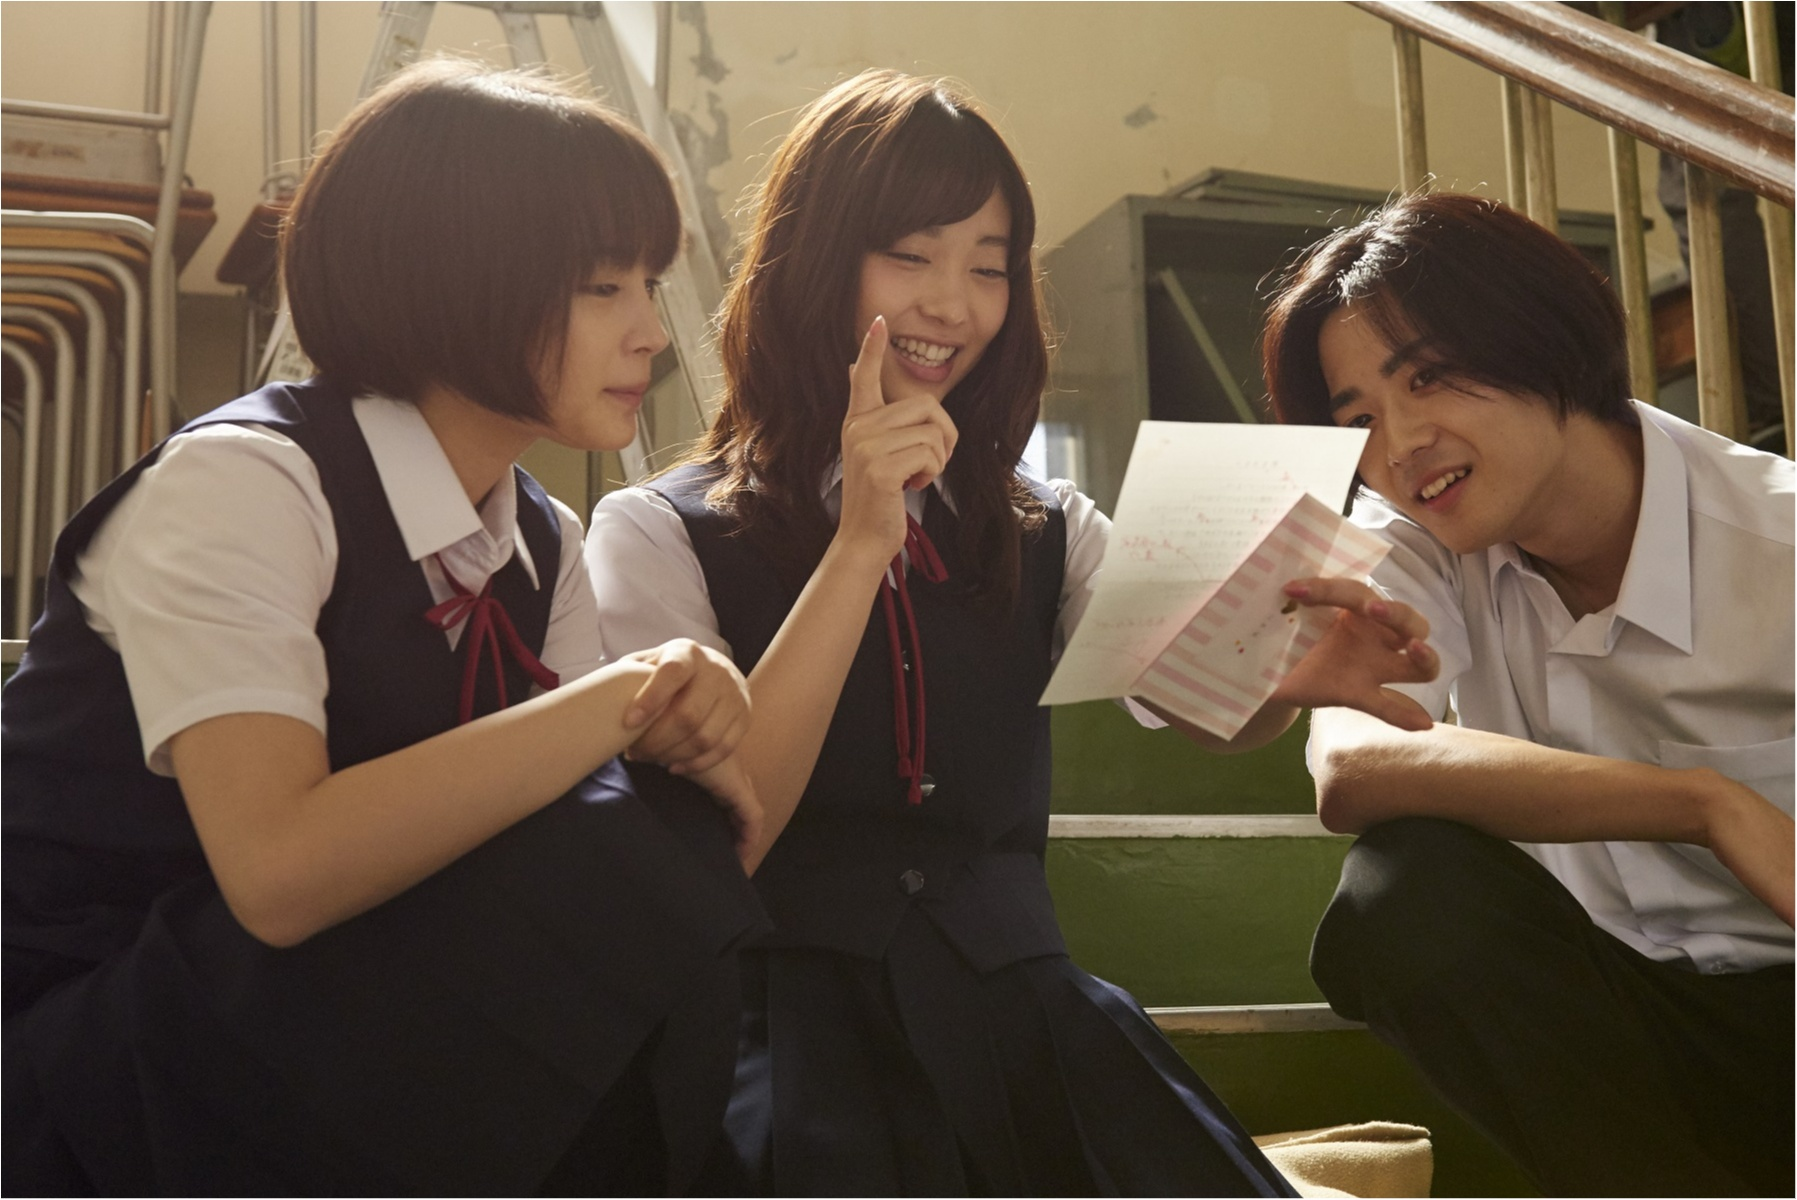 【6回泣いた!】 ガチのマンガ『先生!』ファンが映画『先生! 、、、好きになってもいいですか?』を観てみた♡【ハンカチ必須!】_3_1